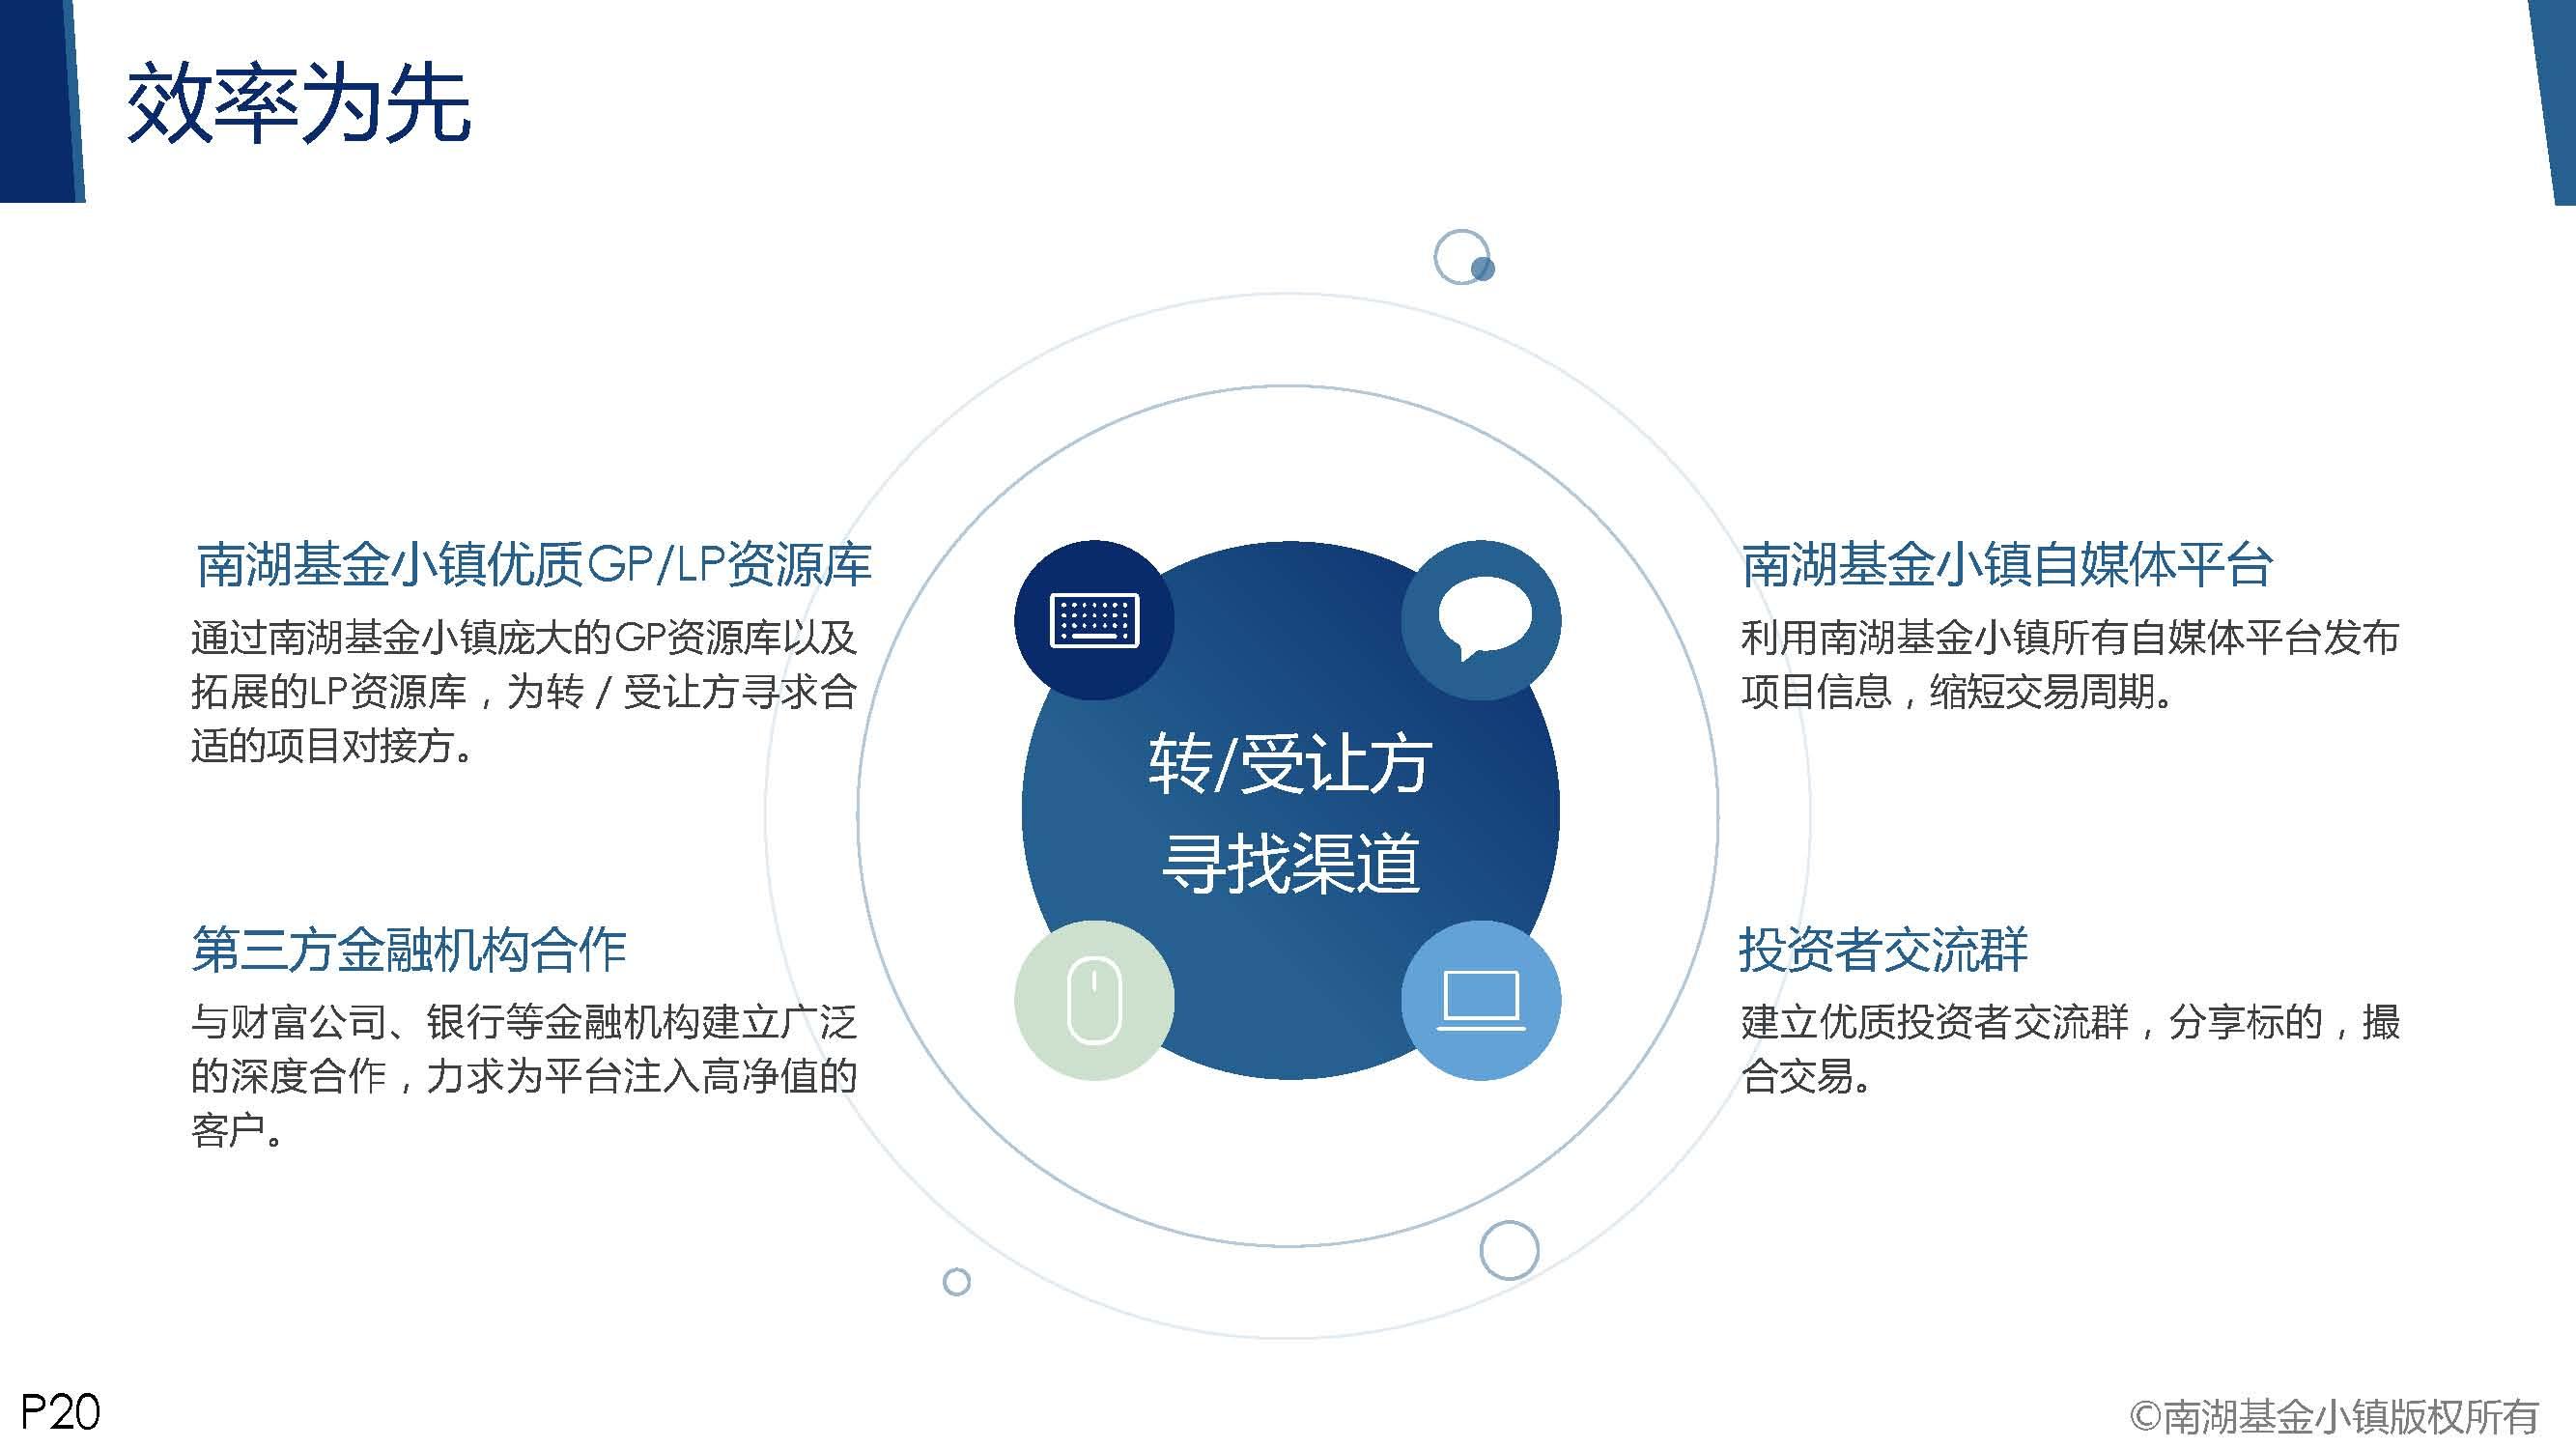 南湖基金小镇投融圈-内部转让信息对接服务平台介绍(6月26日修改稿)_页面_20.jpg